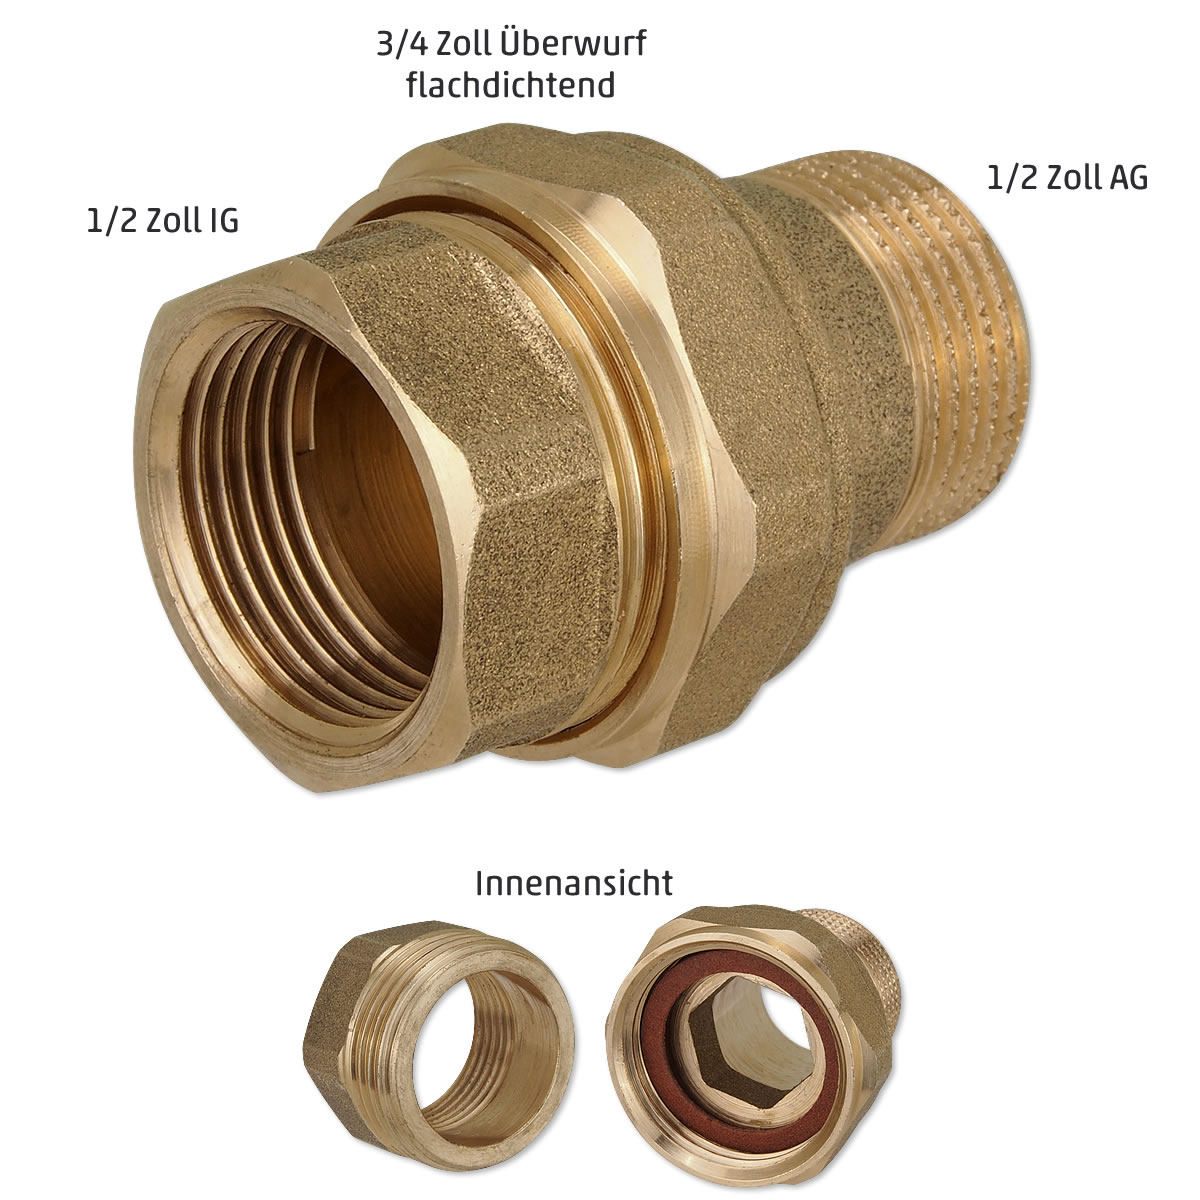 1 1//2 x 1 Zoll Pumpenverschraubung f/ür Wilo Grundfos Heizungspumpe Set mit 2 St/ück